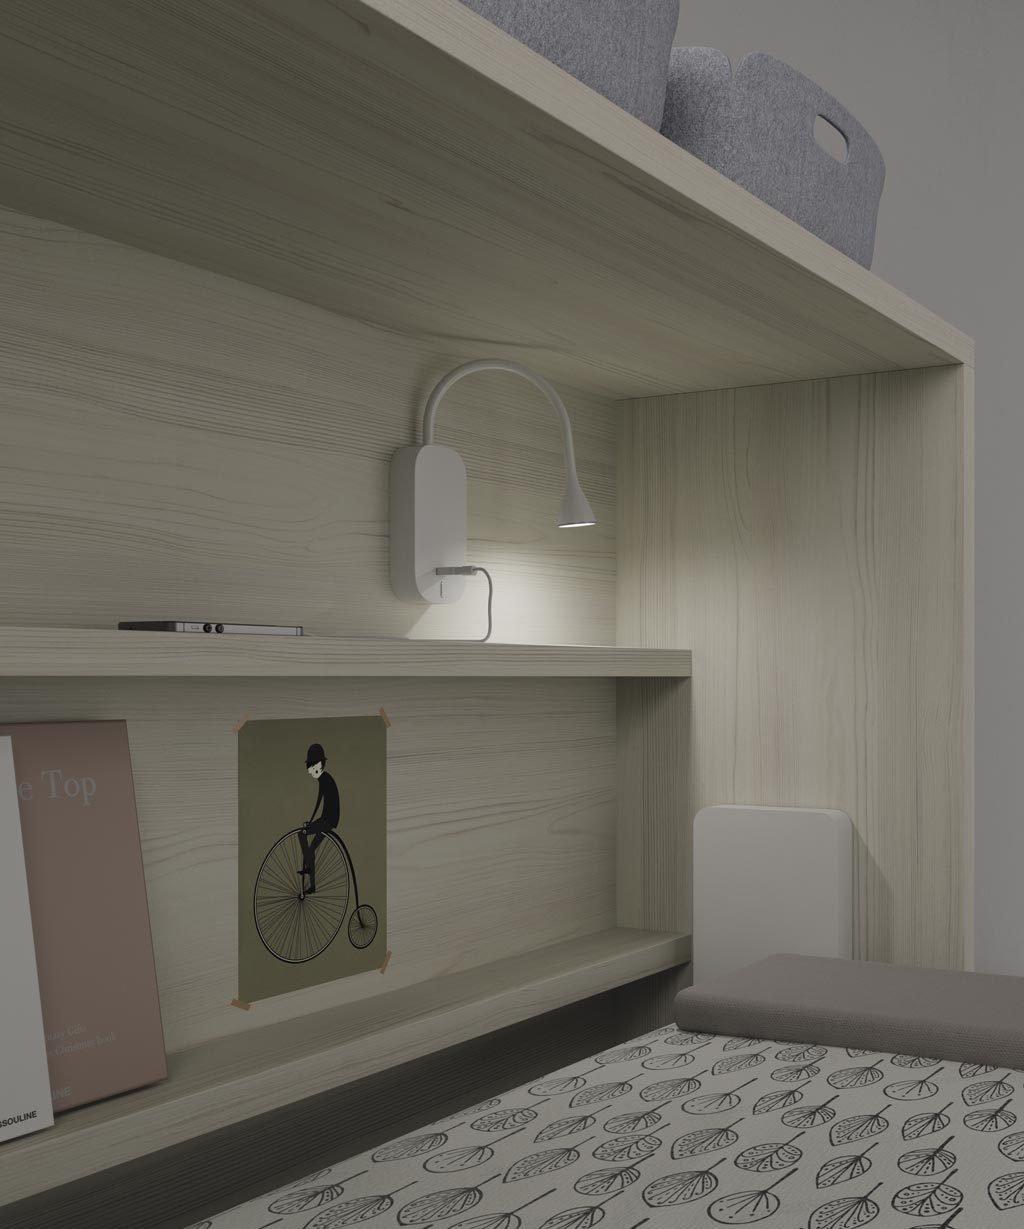 Luz led con flexo y cargador USB para colocar donde quieras en el interior de la cama abatible